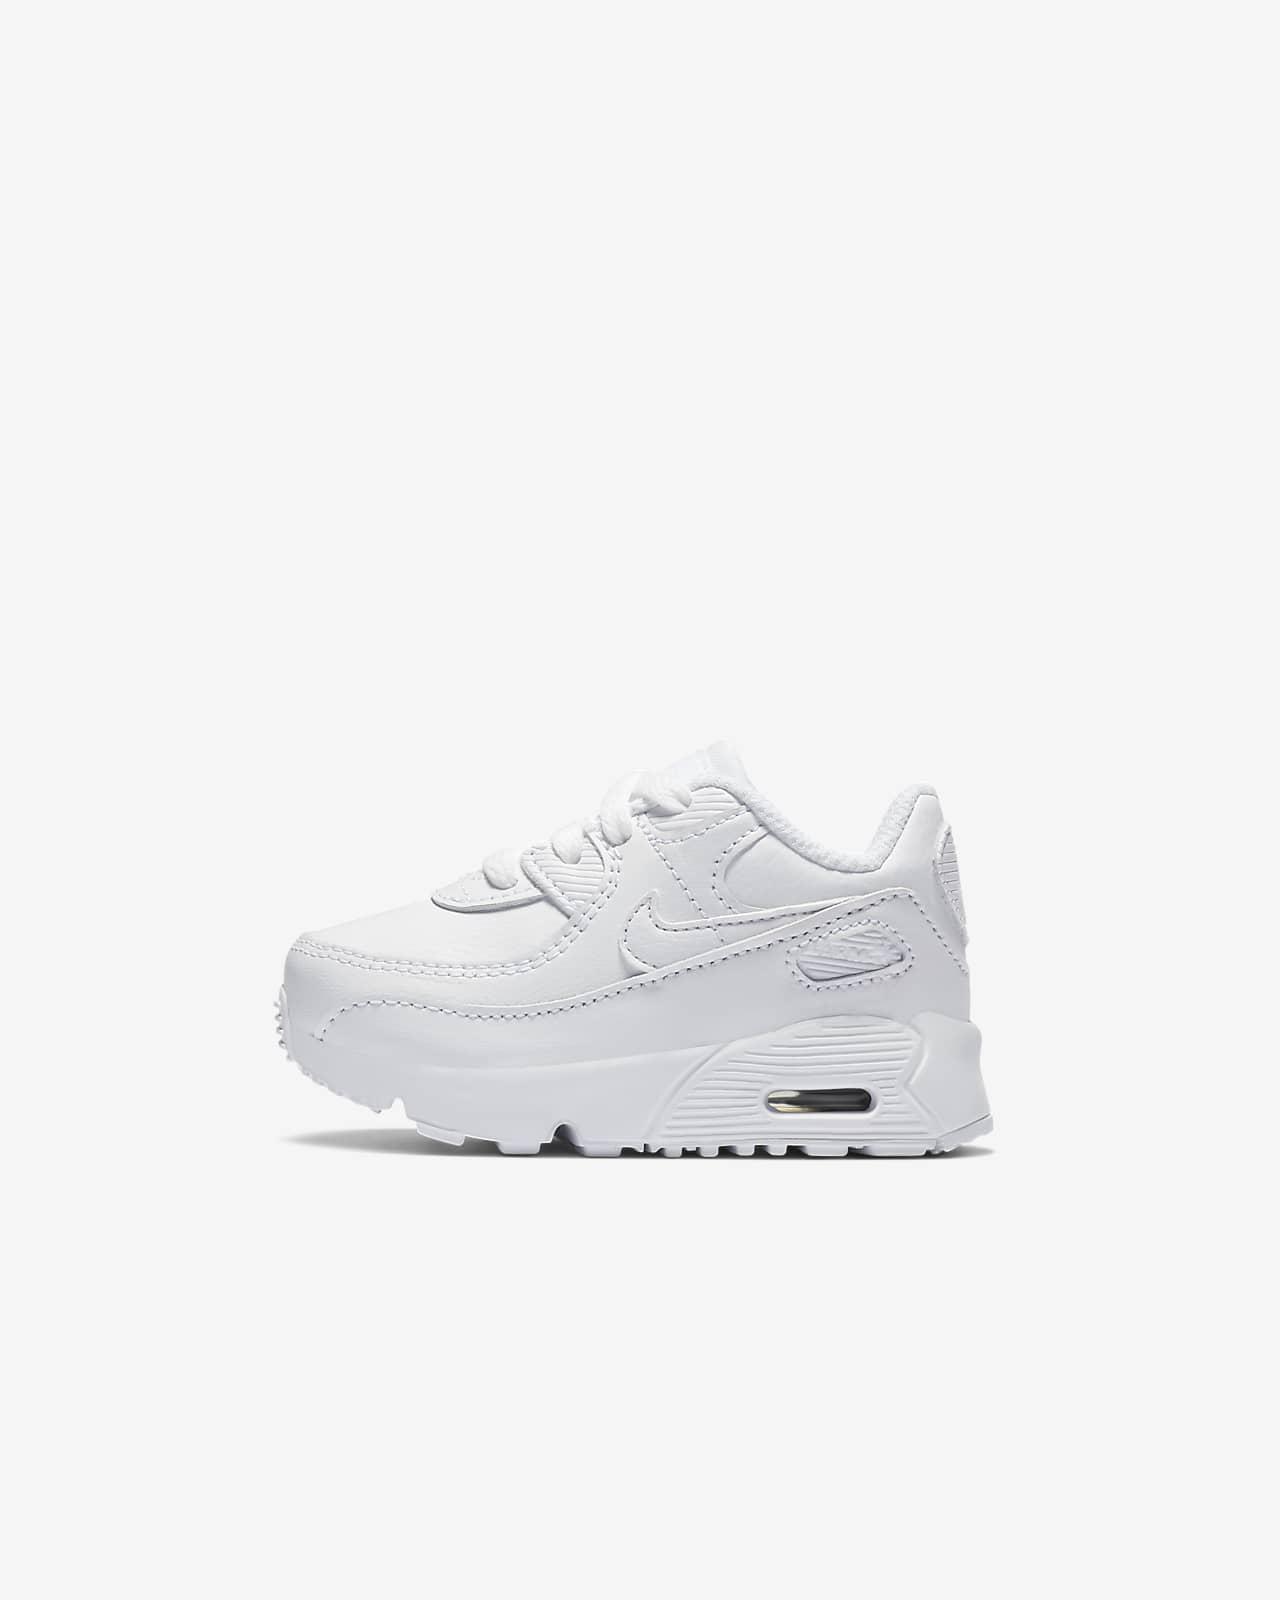 รองเท้าทารก/เด็กวัยหัดเดิน Nike Air Max 90